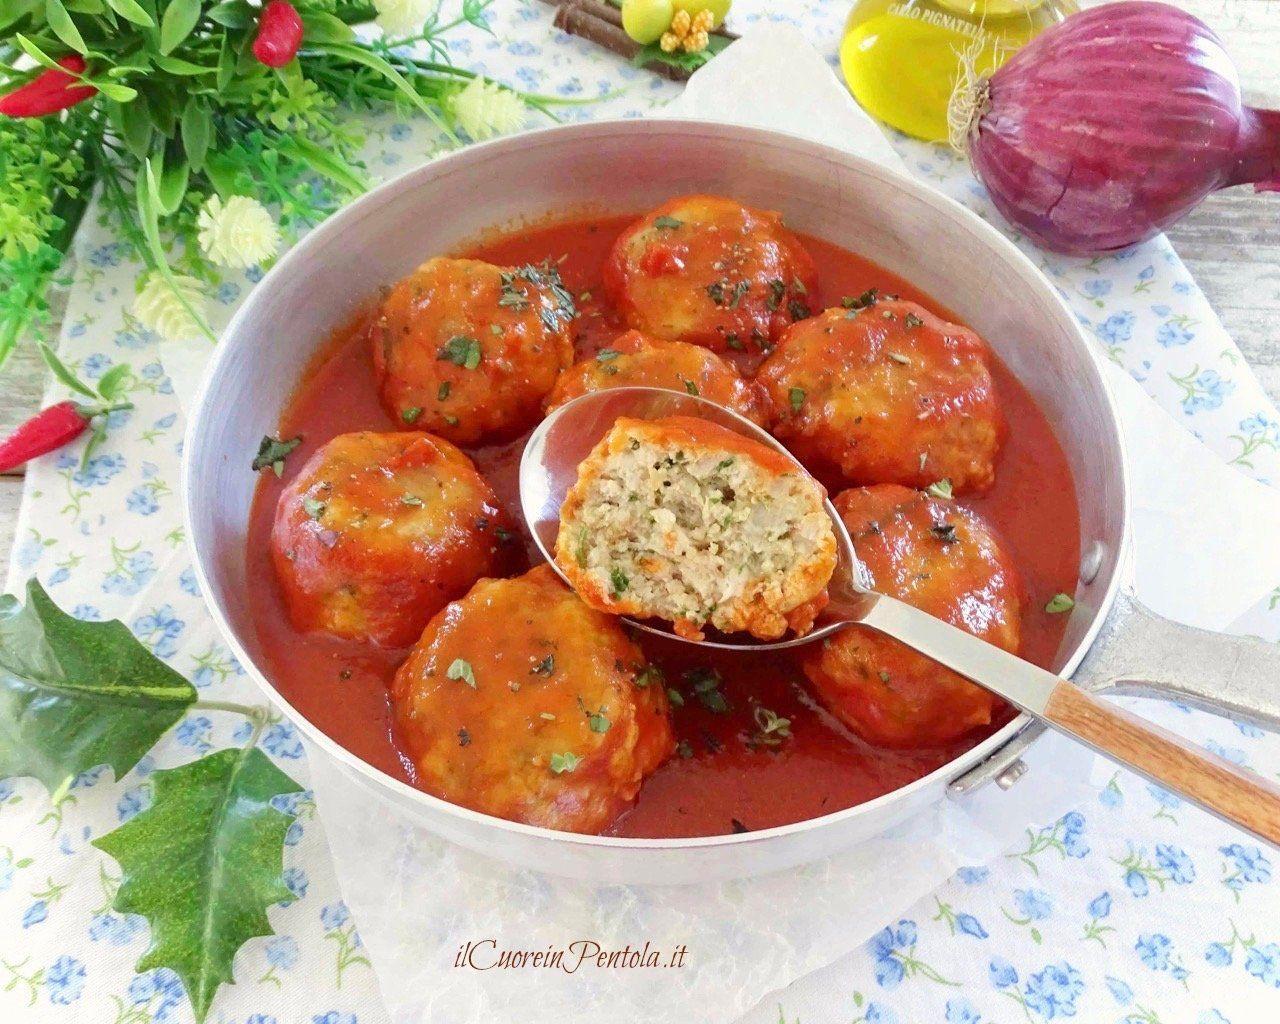 Polpette Di Pesce Spada Al Sugo Ricetta Il Cuore In Pentola Ricetta Nel 2020 Ricette Salsa Per Polpette Polpette